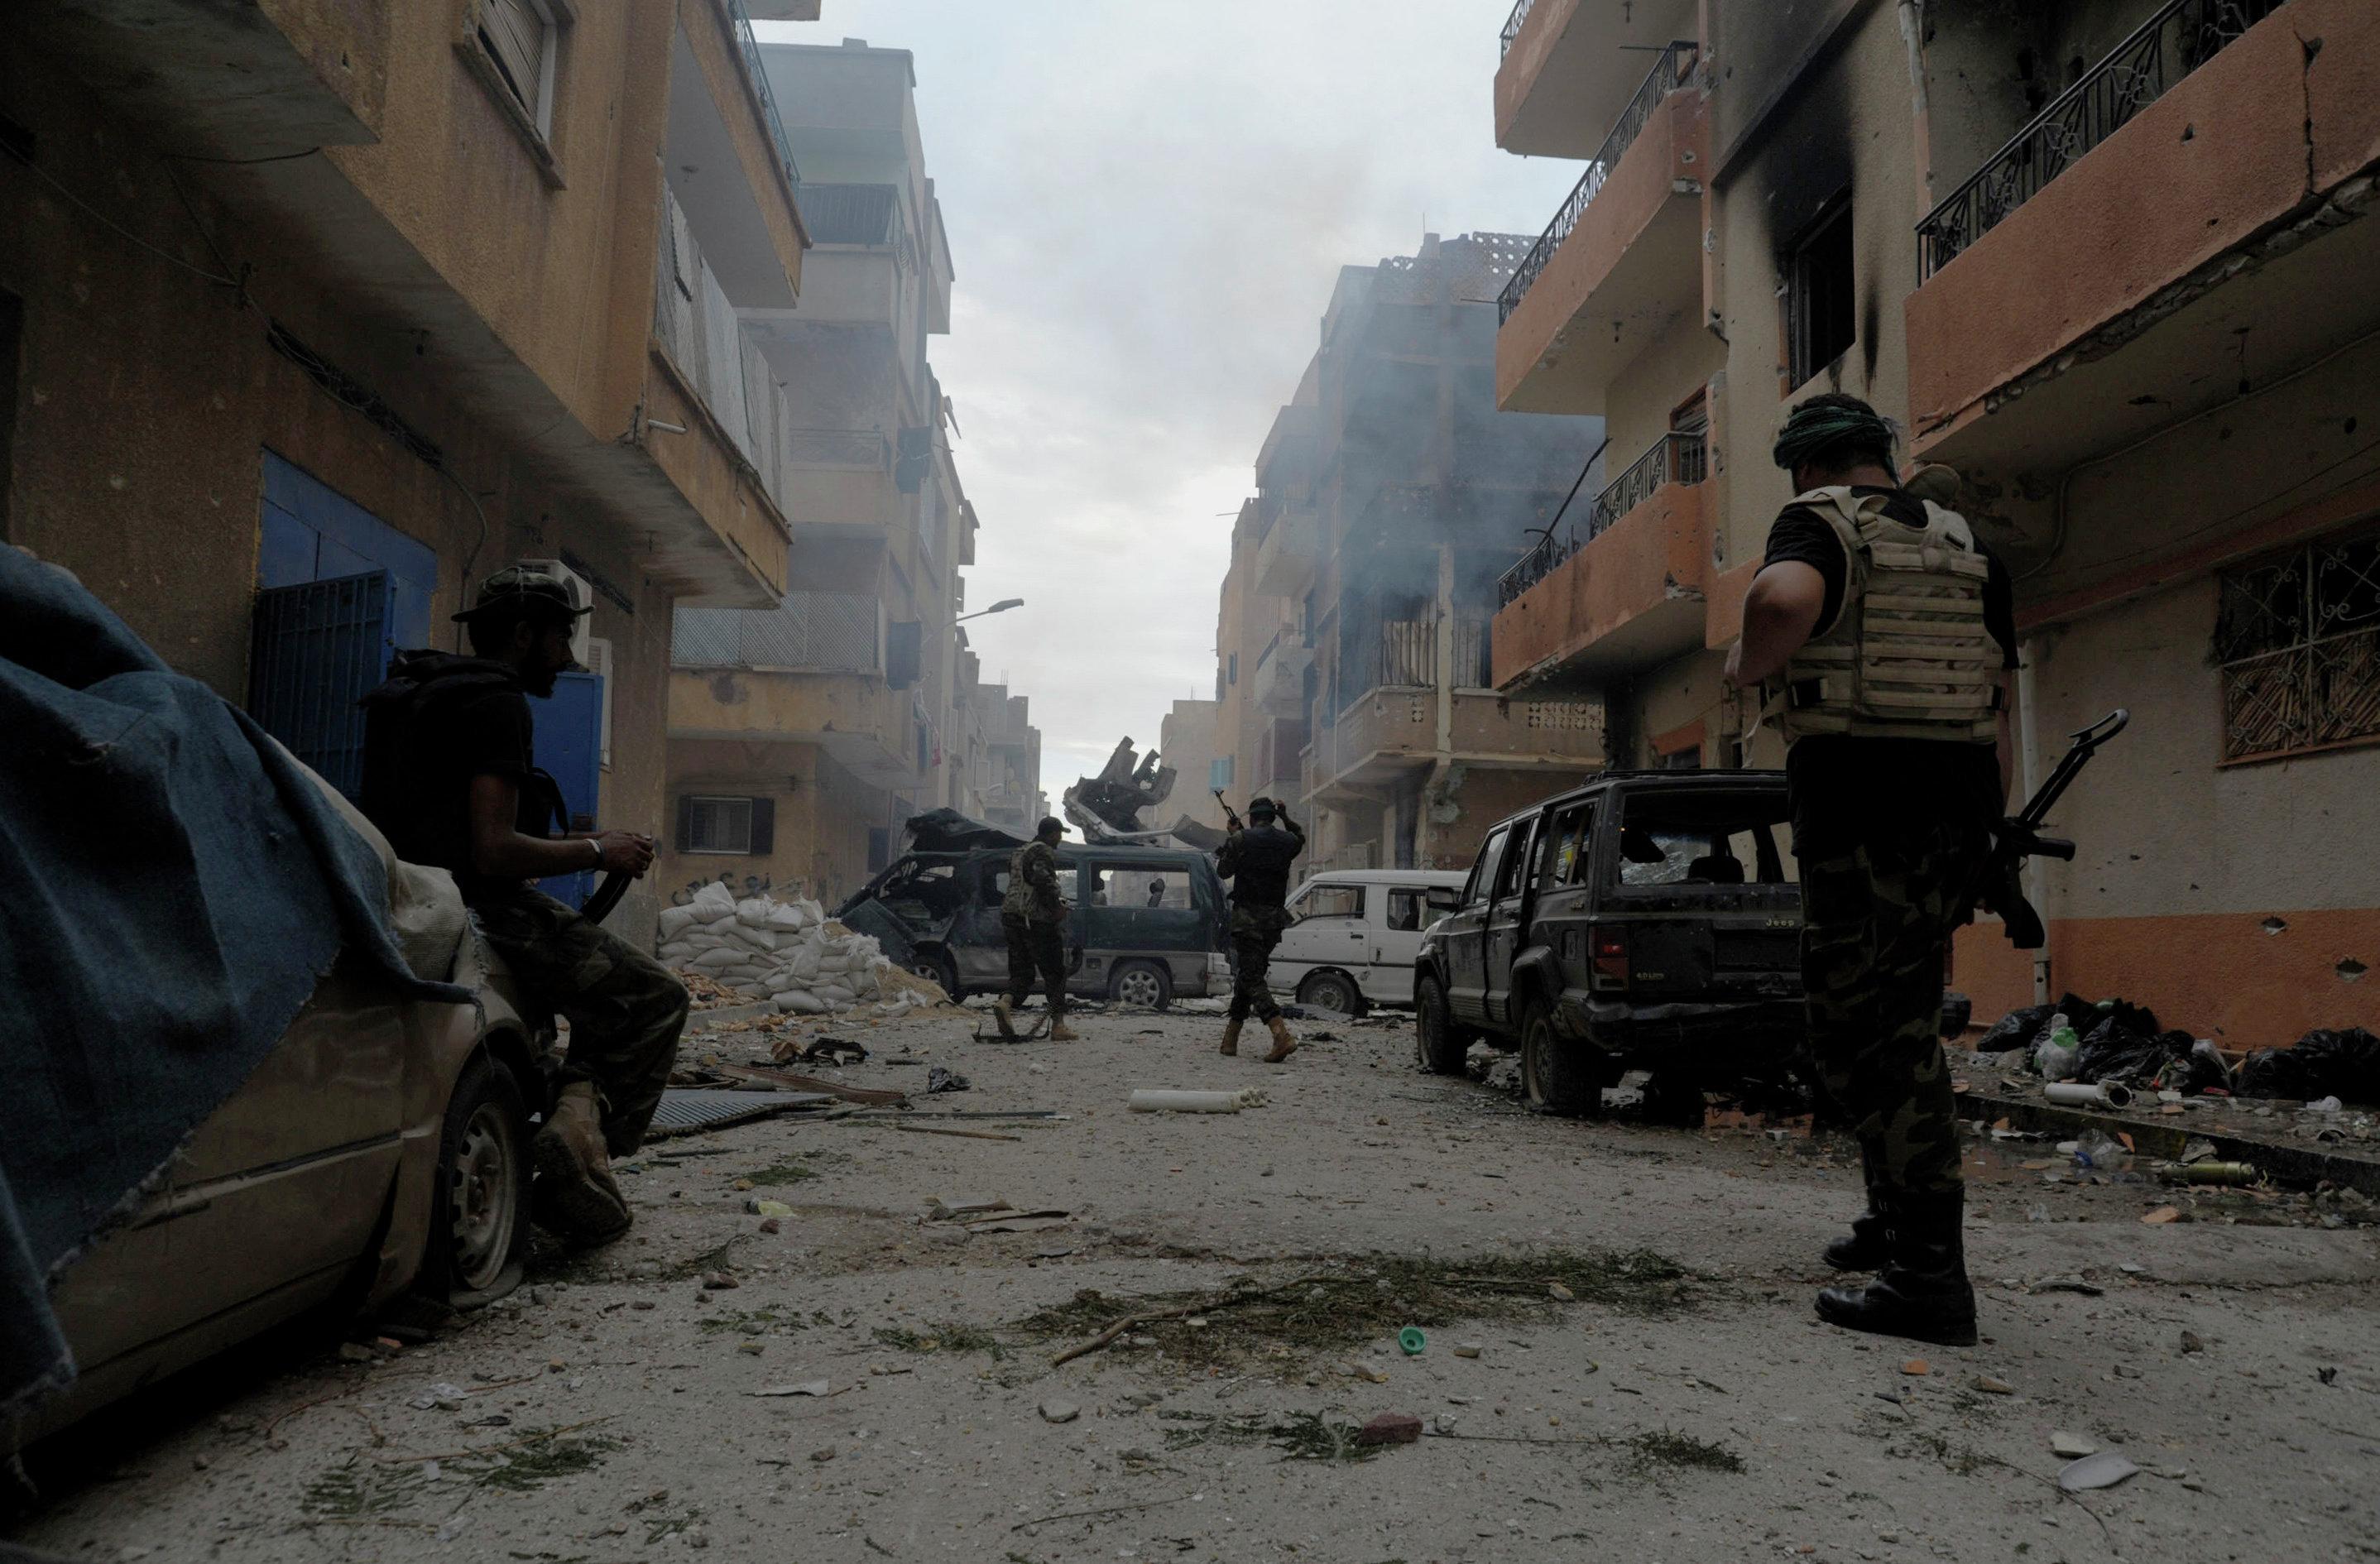 Libia hoy día ha dejado de existir como un país íntegro como resultado de la intervención de la OTAN en el conflicto interno de 2011. Actualmente su territorio se encuentra dividido entre autoridades impuestas desde el exterior, gobiernos autoproclamados y una serie de grupos extremistas.